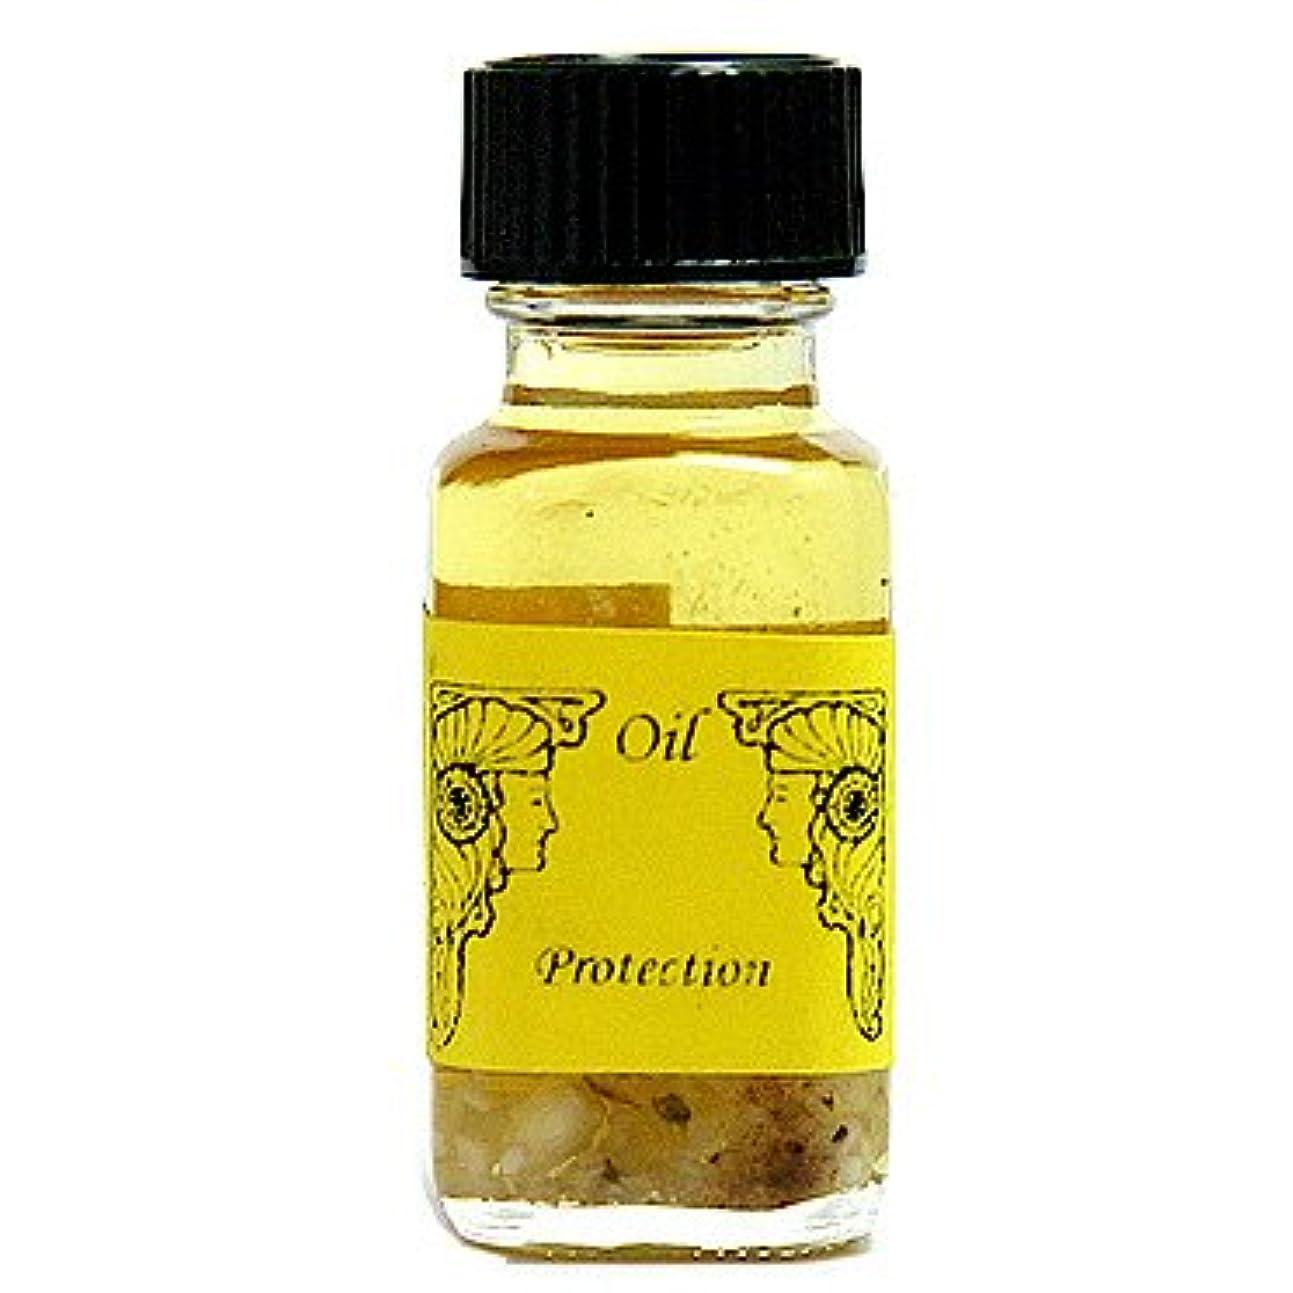 ペパーミント思春期の同等のアンシェントメモリーオイル プロテクション (守護?厄よけ) 15ml (Ancient Memory Oils)